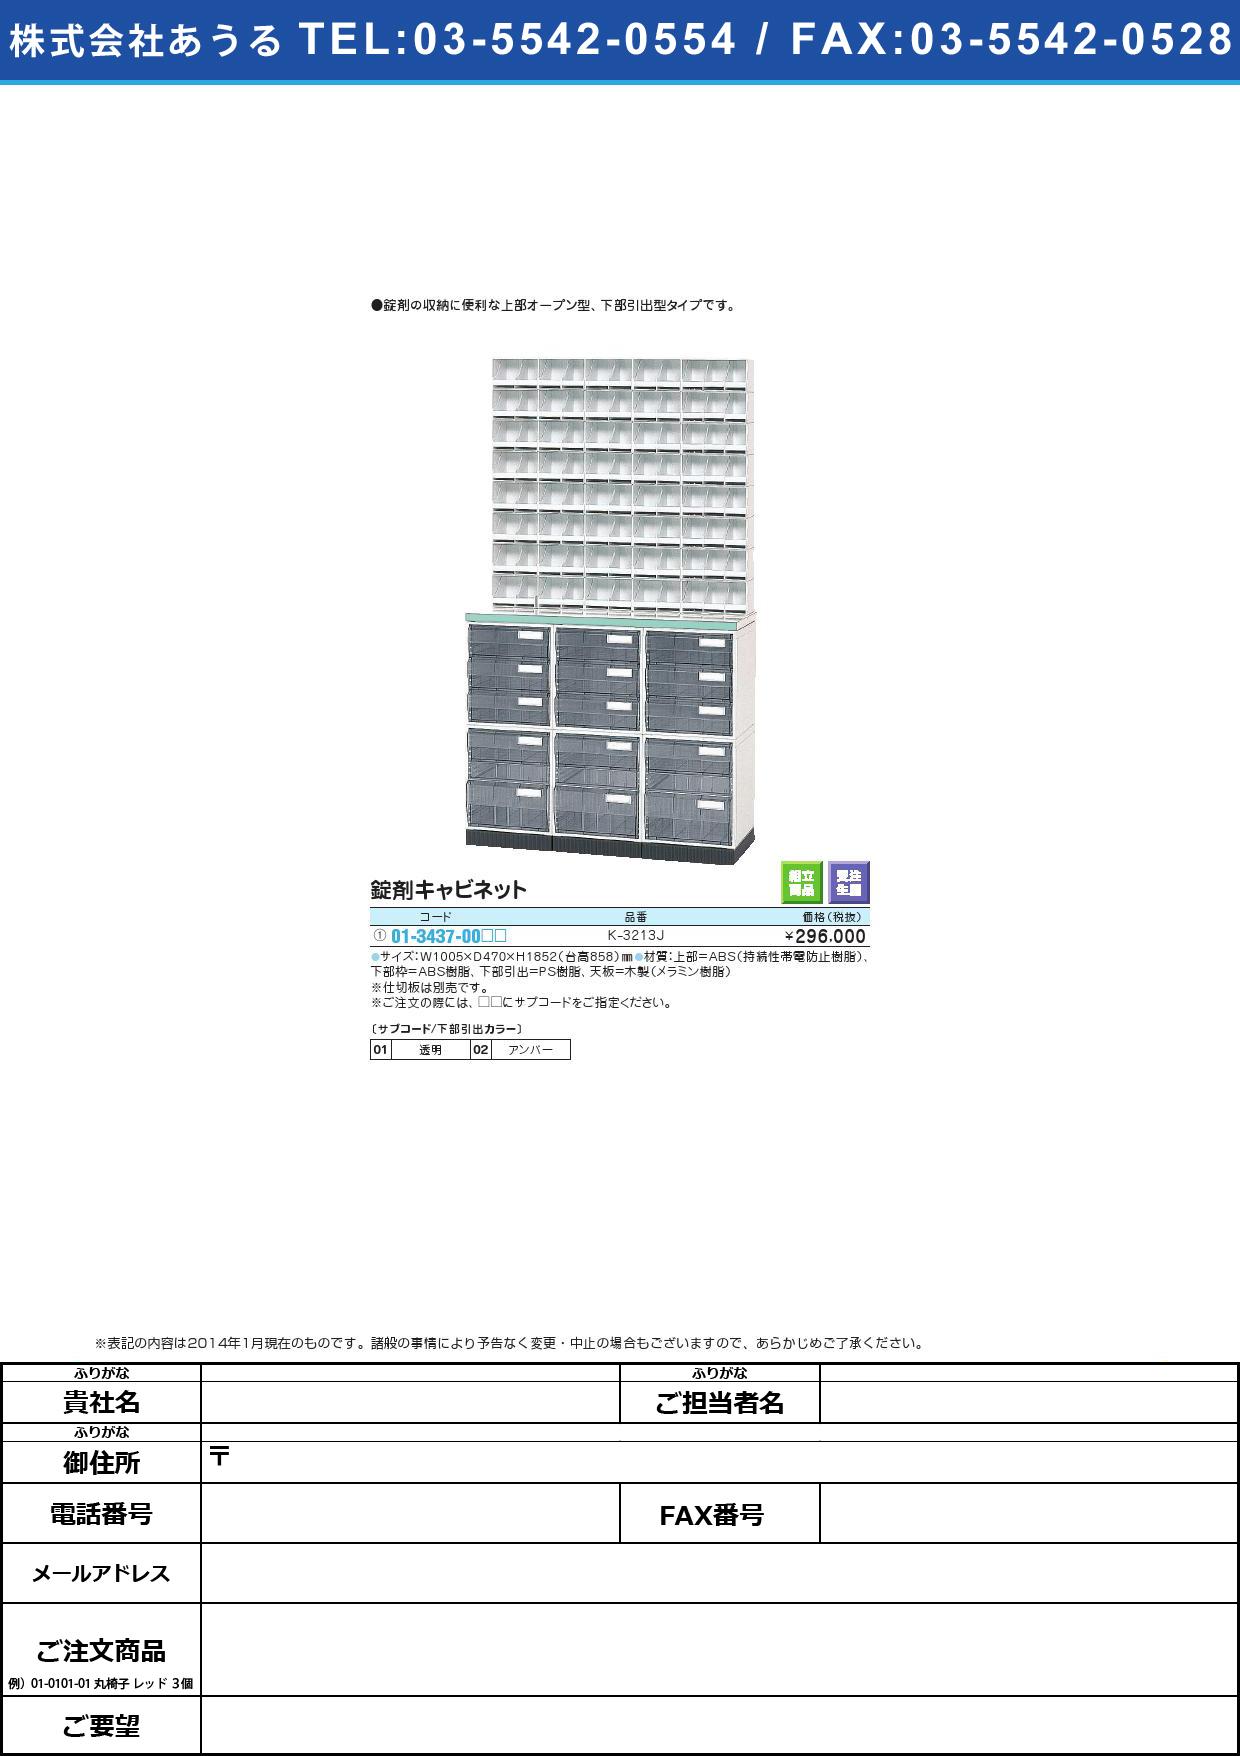 錠剤キャビネット ジョウザイキャビネット(01-3437-00)K-3213J透明【1台単位】